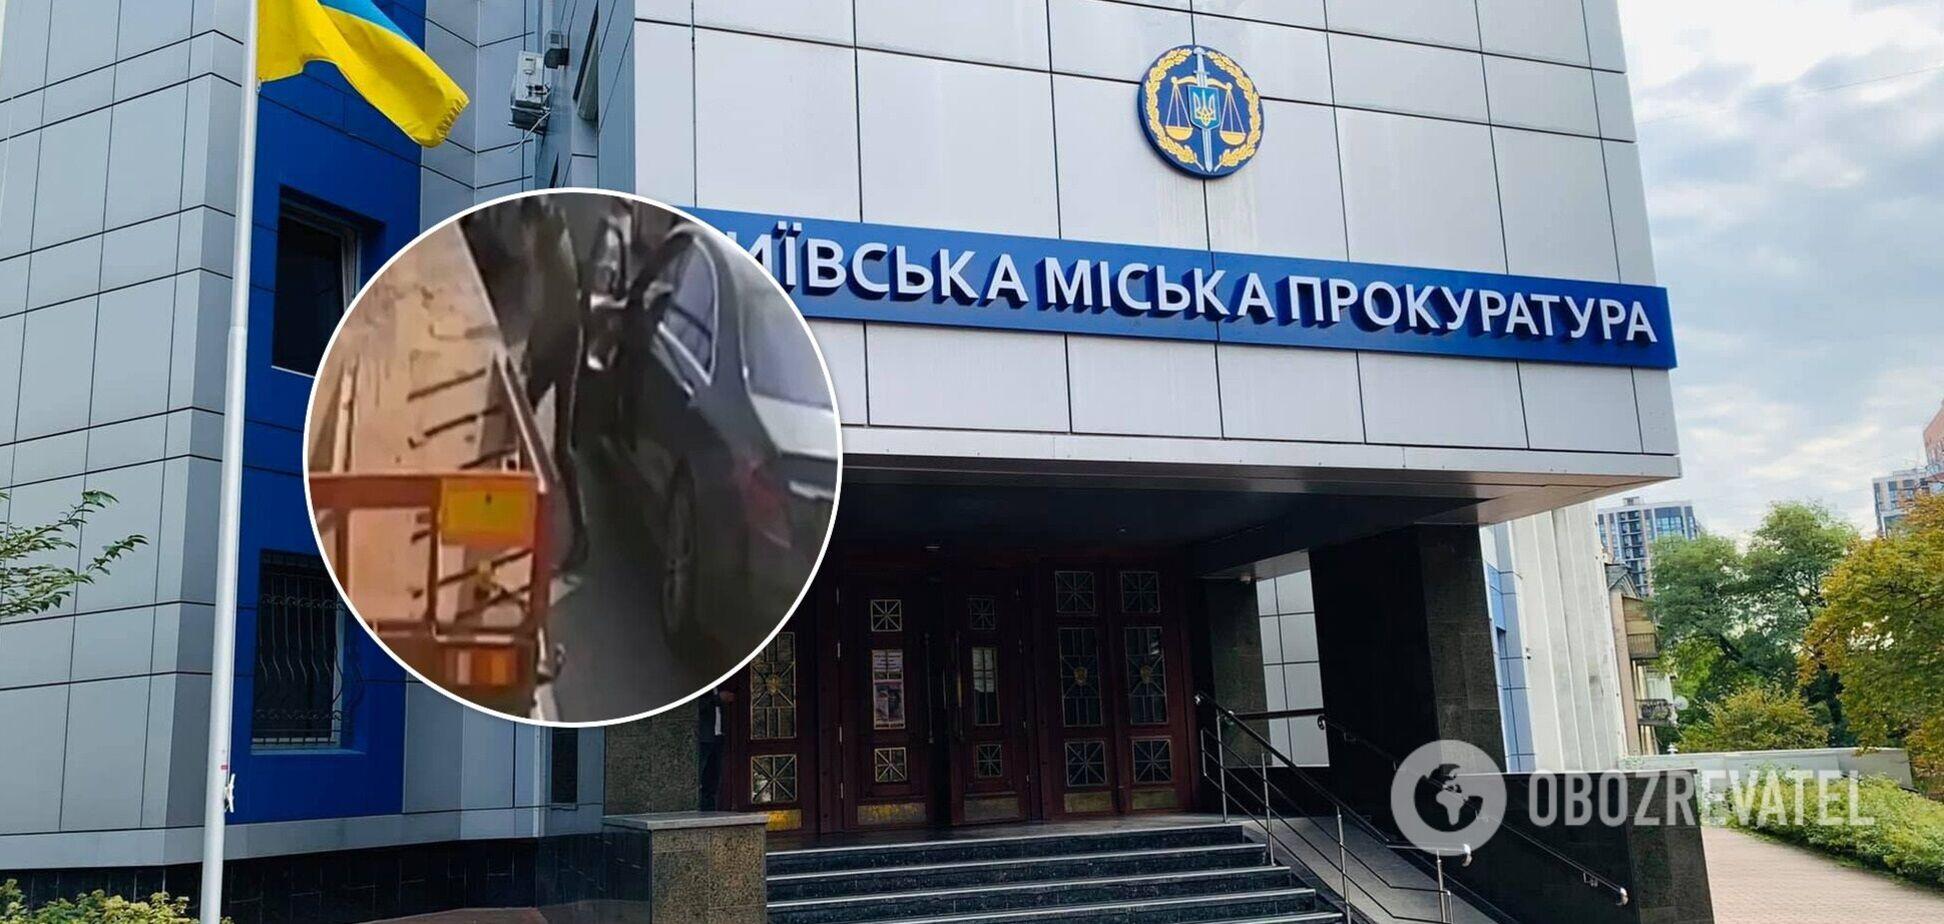 Подія сталася на проспекті Володимира Маяковського